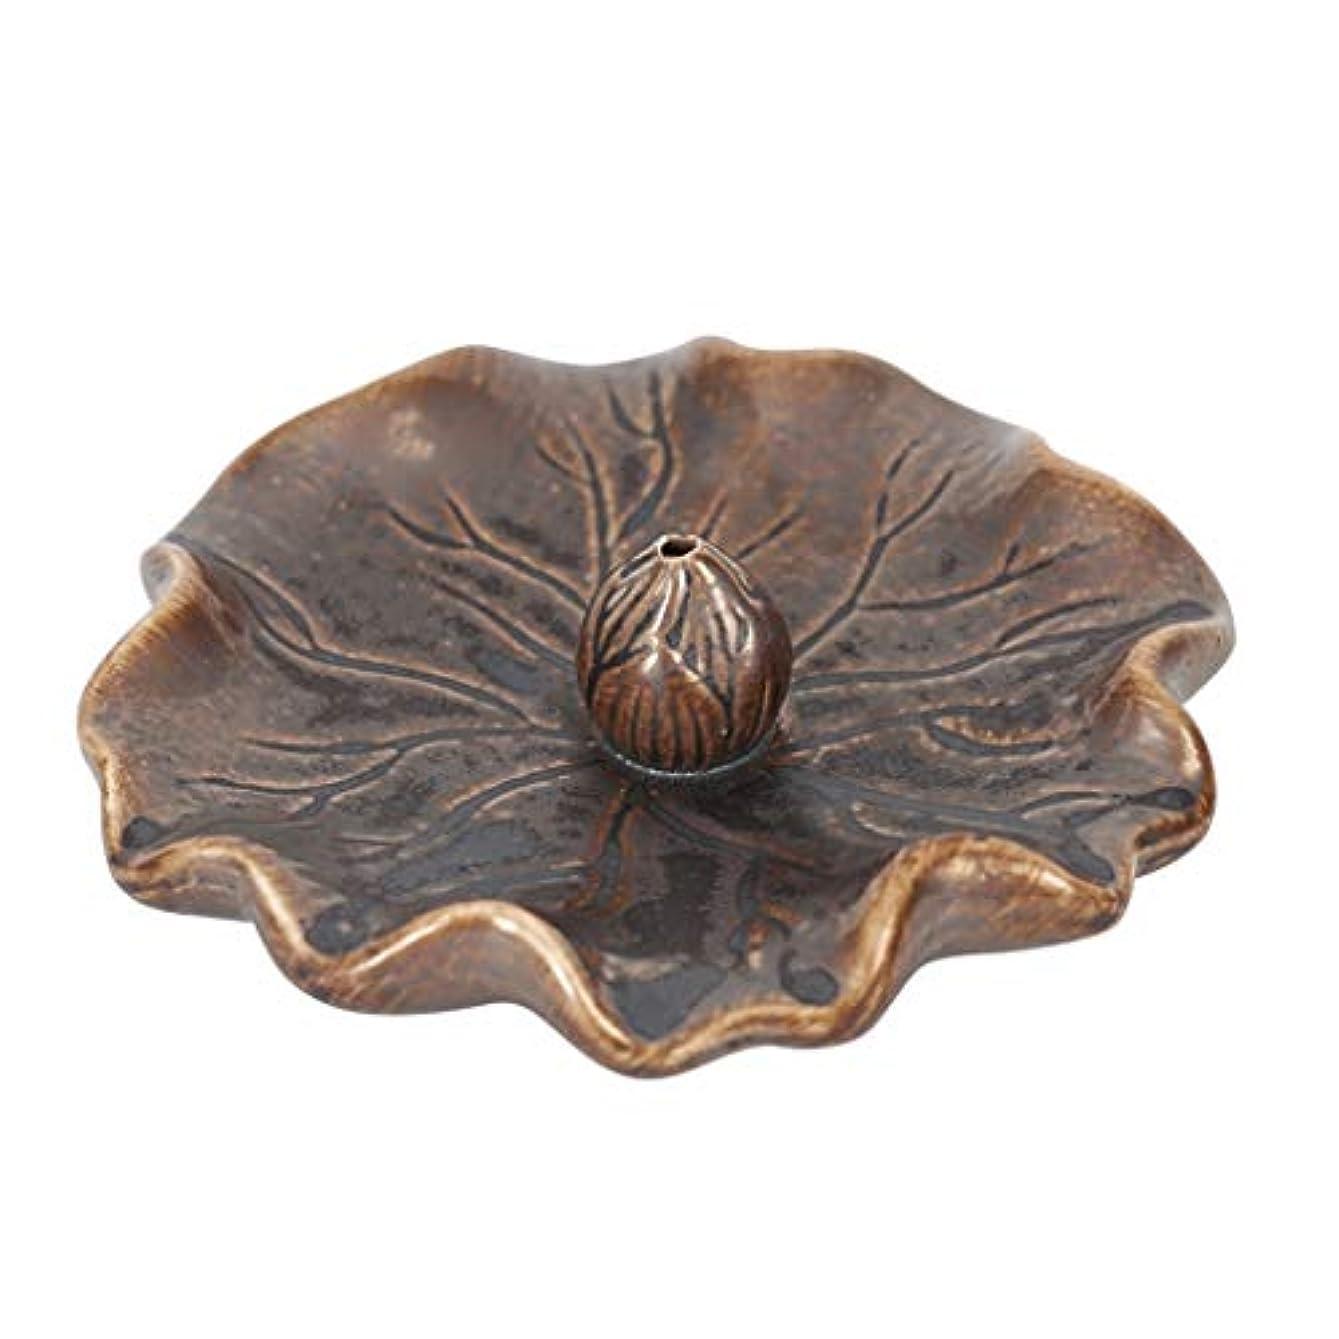 ライン香バーナー蓮の葉アンティーク香ホルダービャクダン炉ホーム屋内香りの良い皿セラミック香ホルダー (Color : Brass, サイズ : 4.52*1.18inchs)